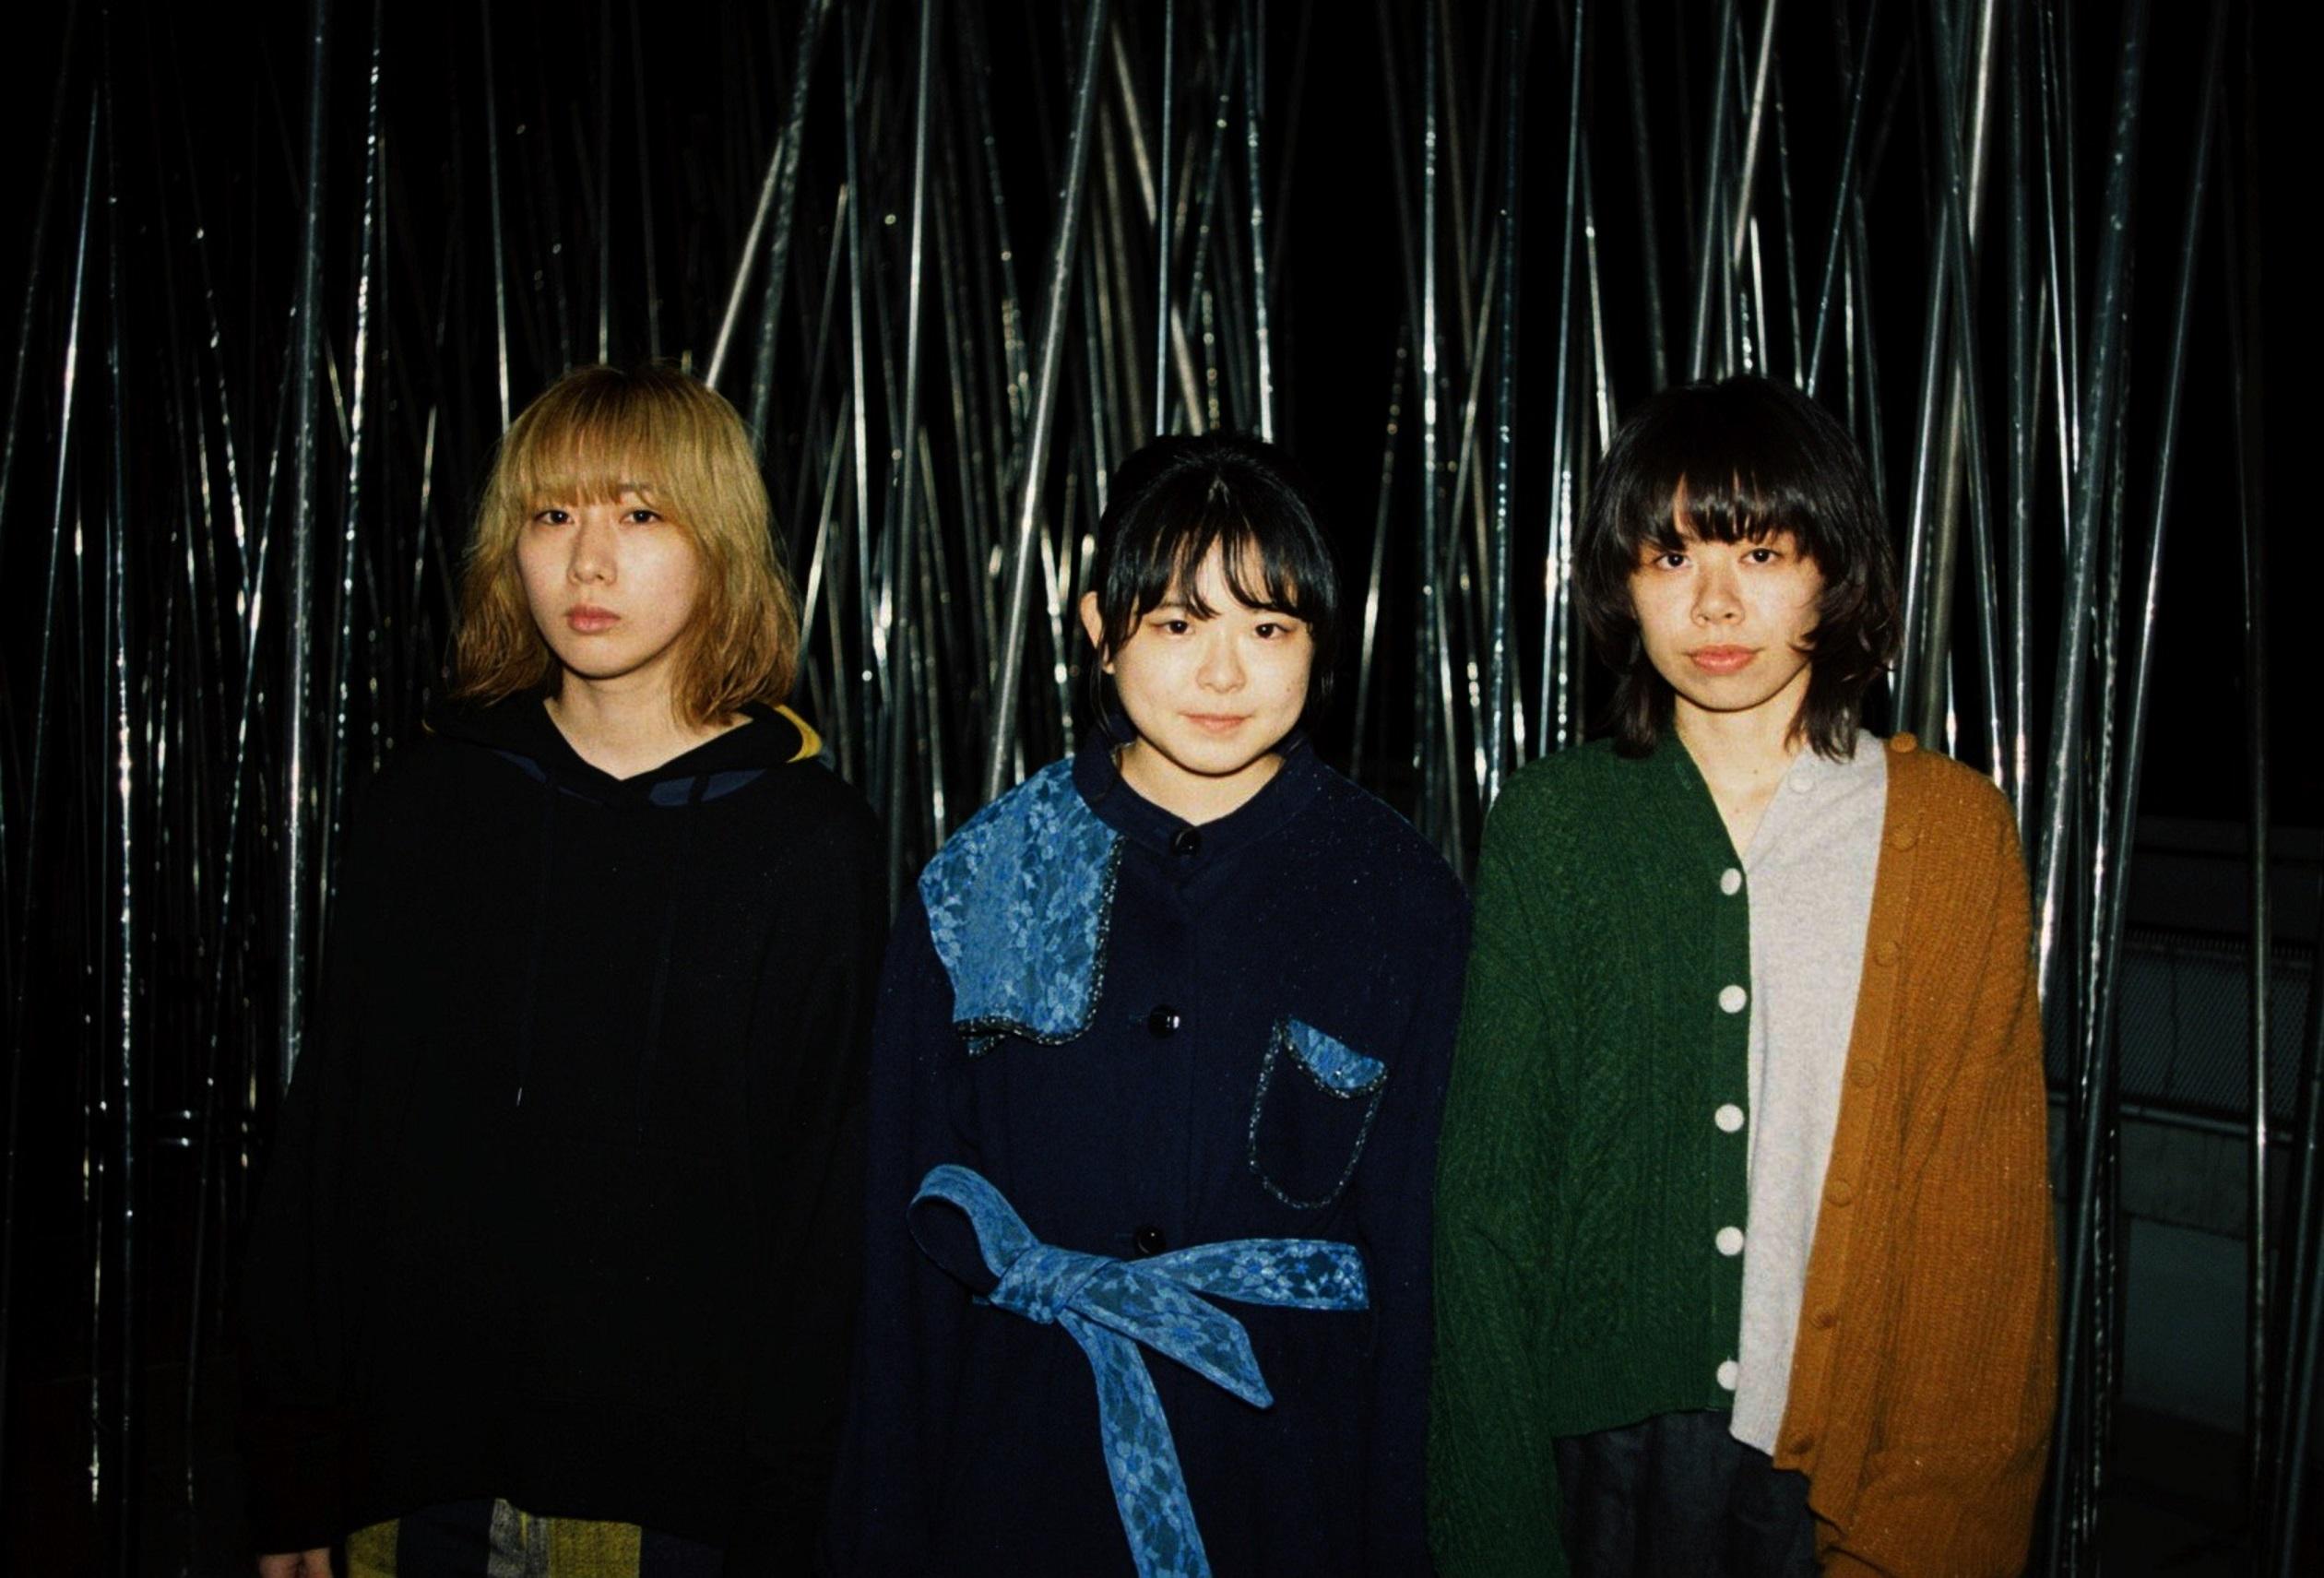 リーガルリリー「多摩川で…」 1stアルバムからの先行配信曲『GOLD TRAIN』制作秘話を語る